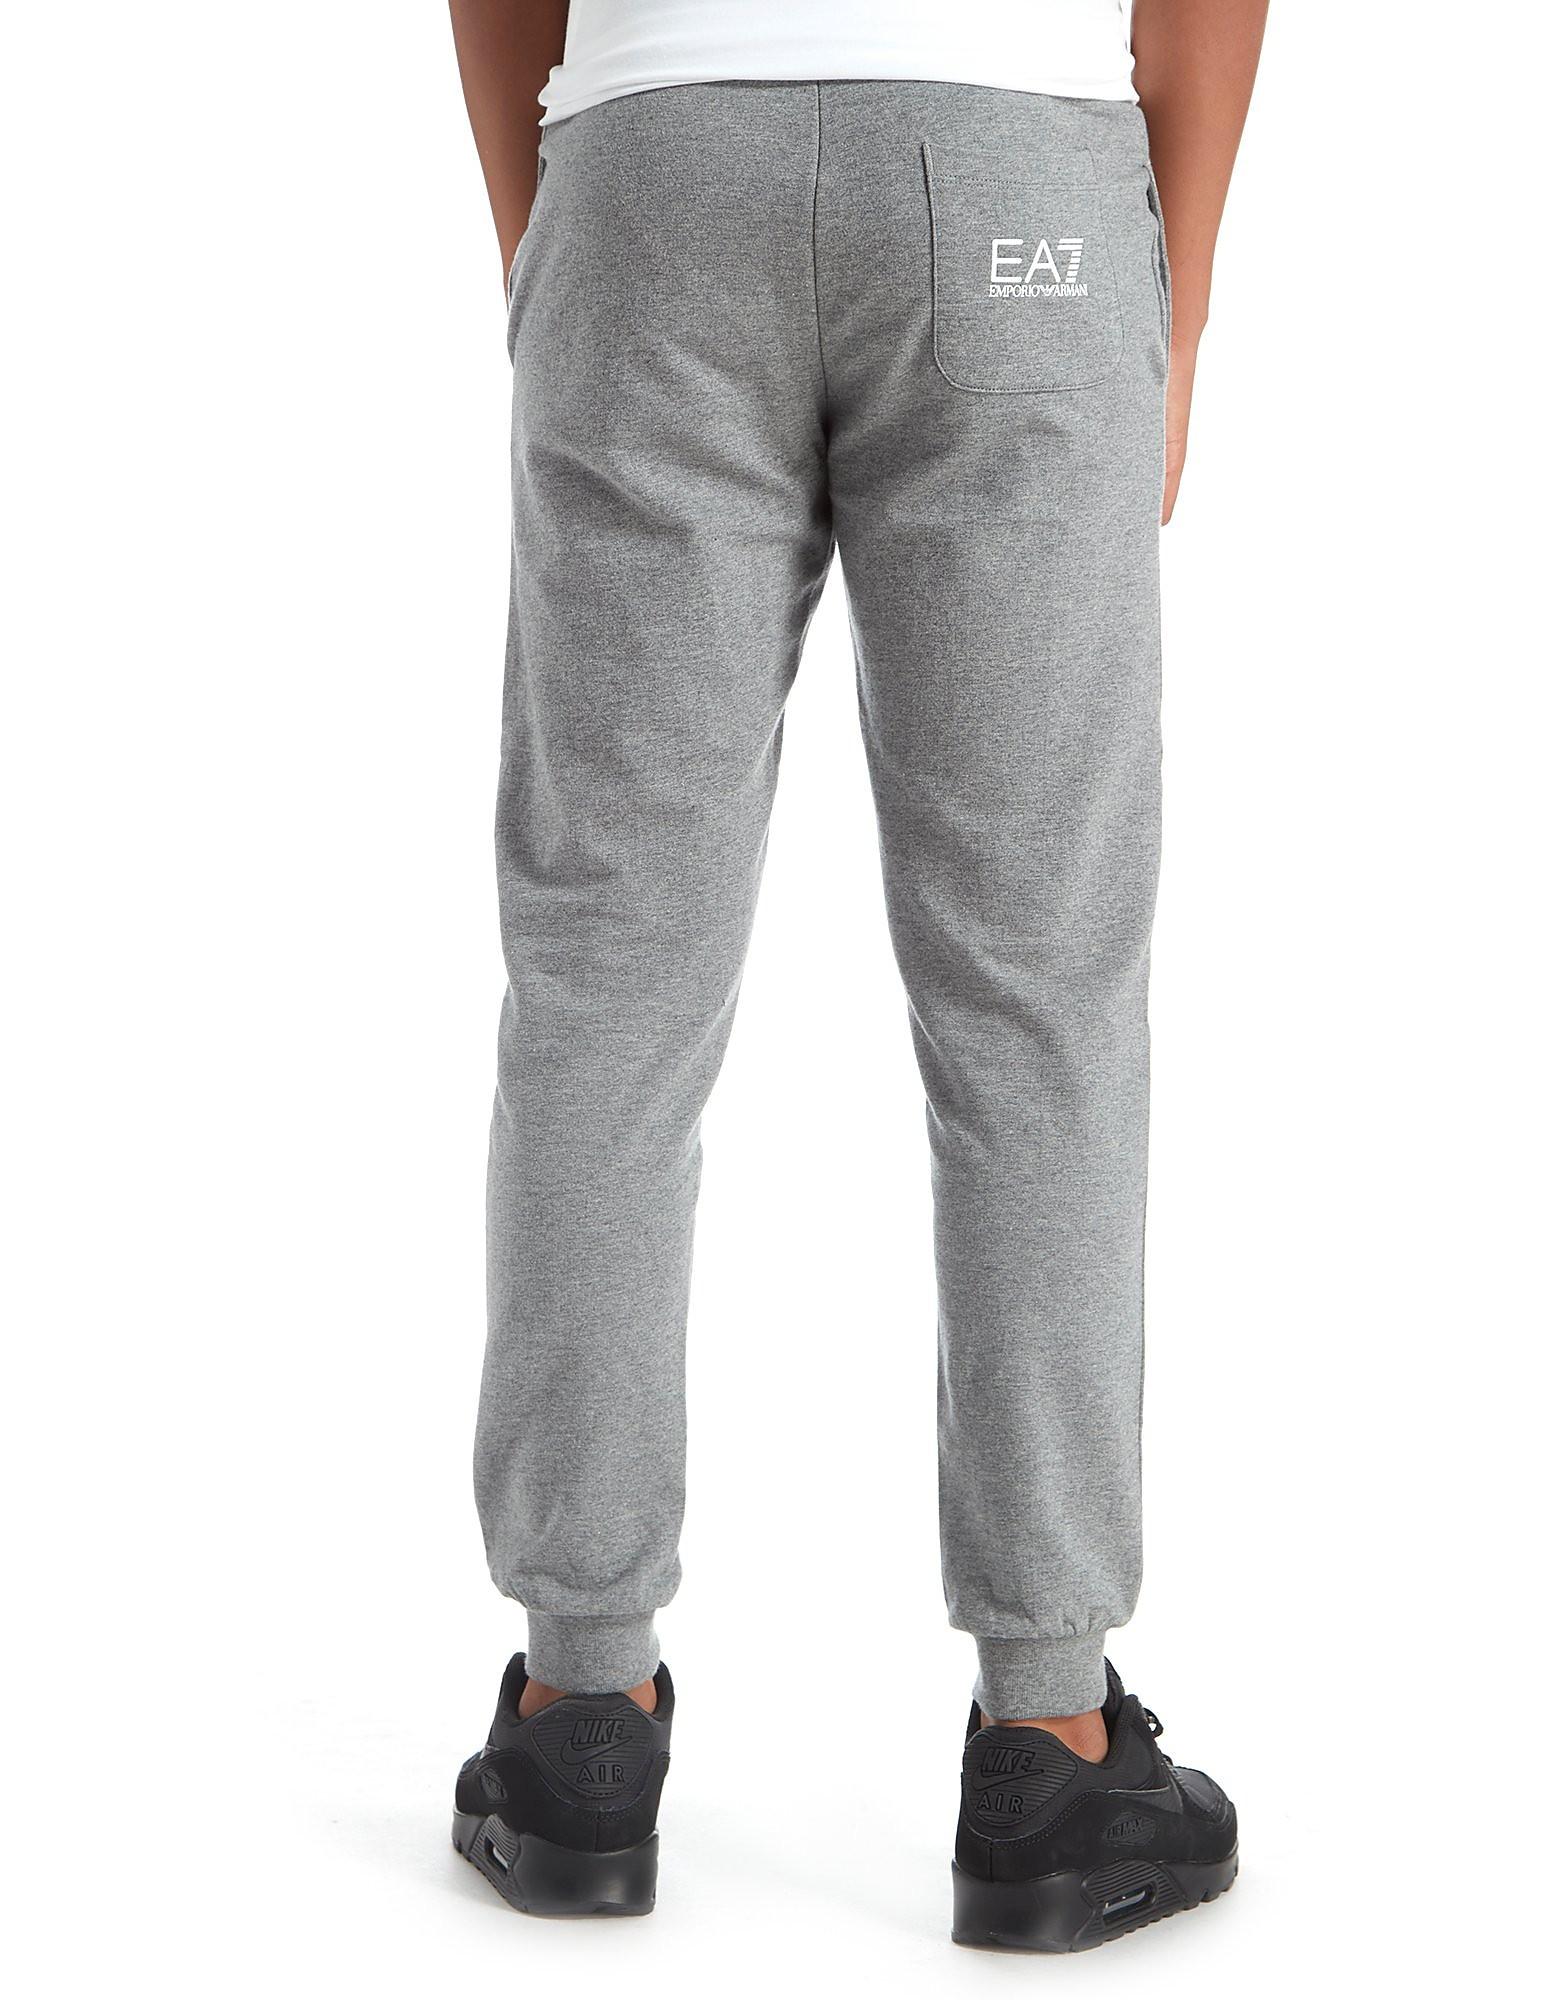 Emporio Armani EA7 Core Cuff Pants Junior